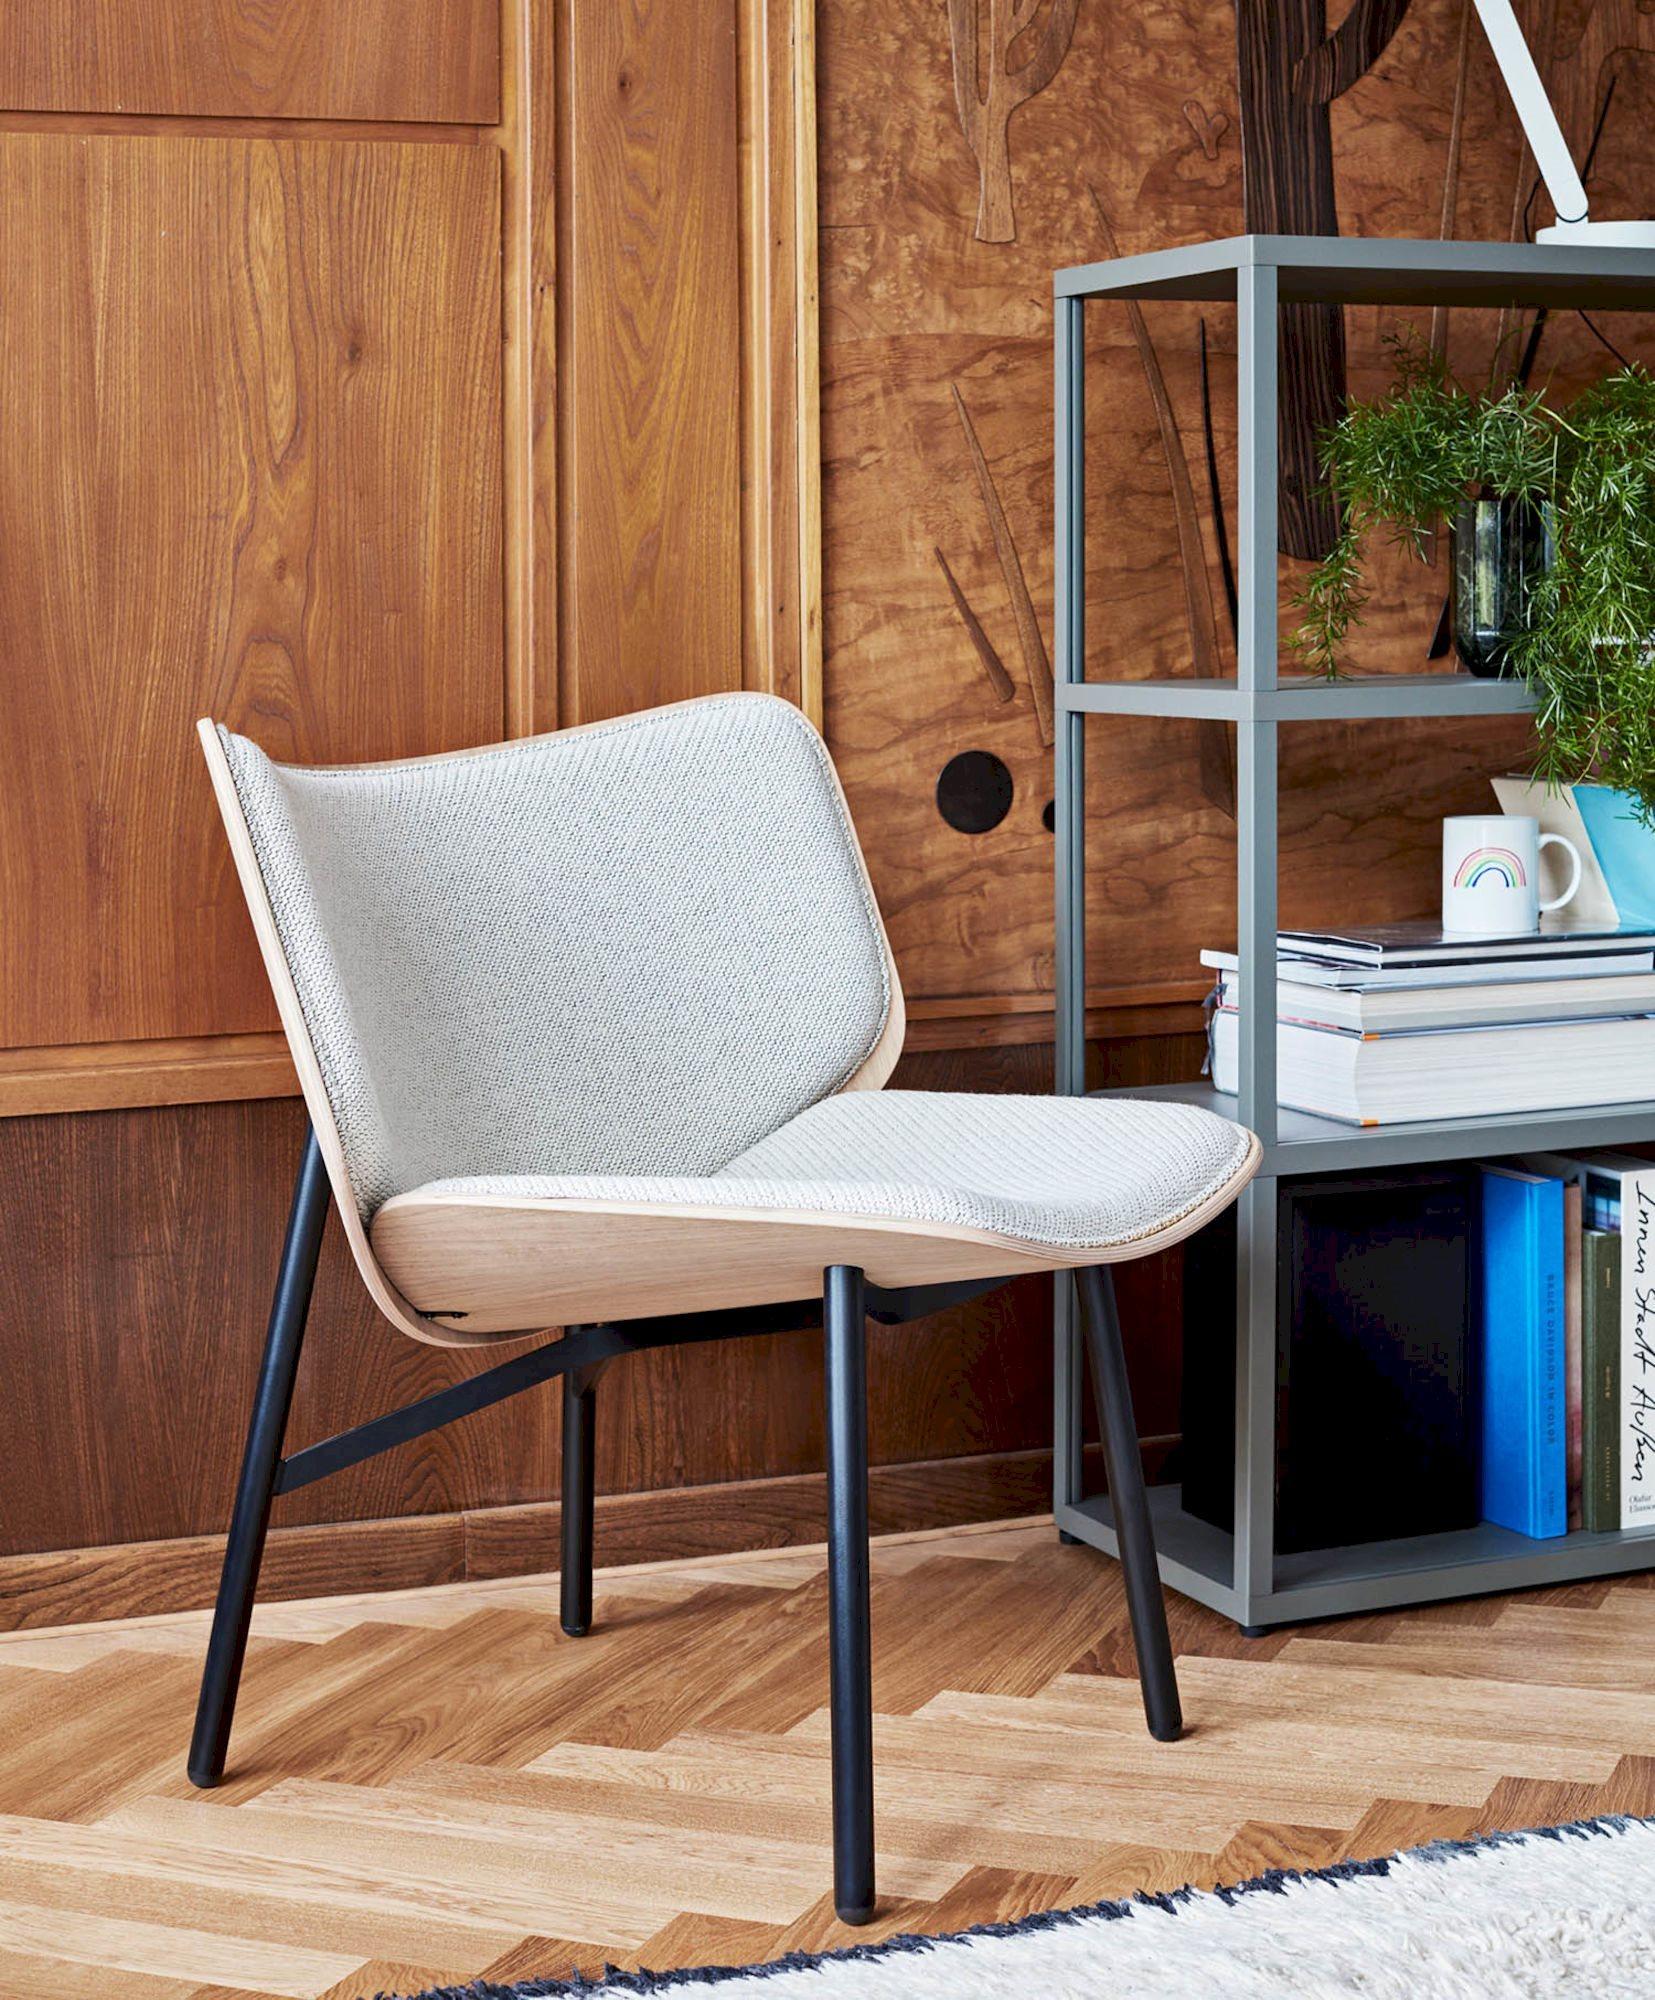 Dapper Chair A